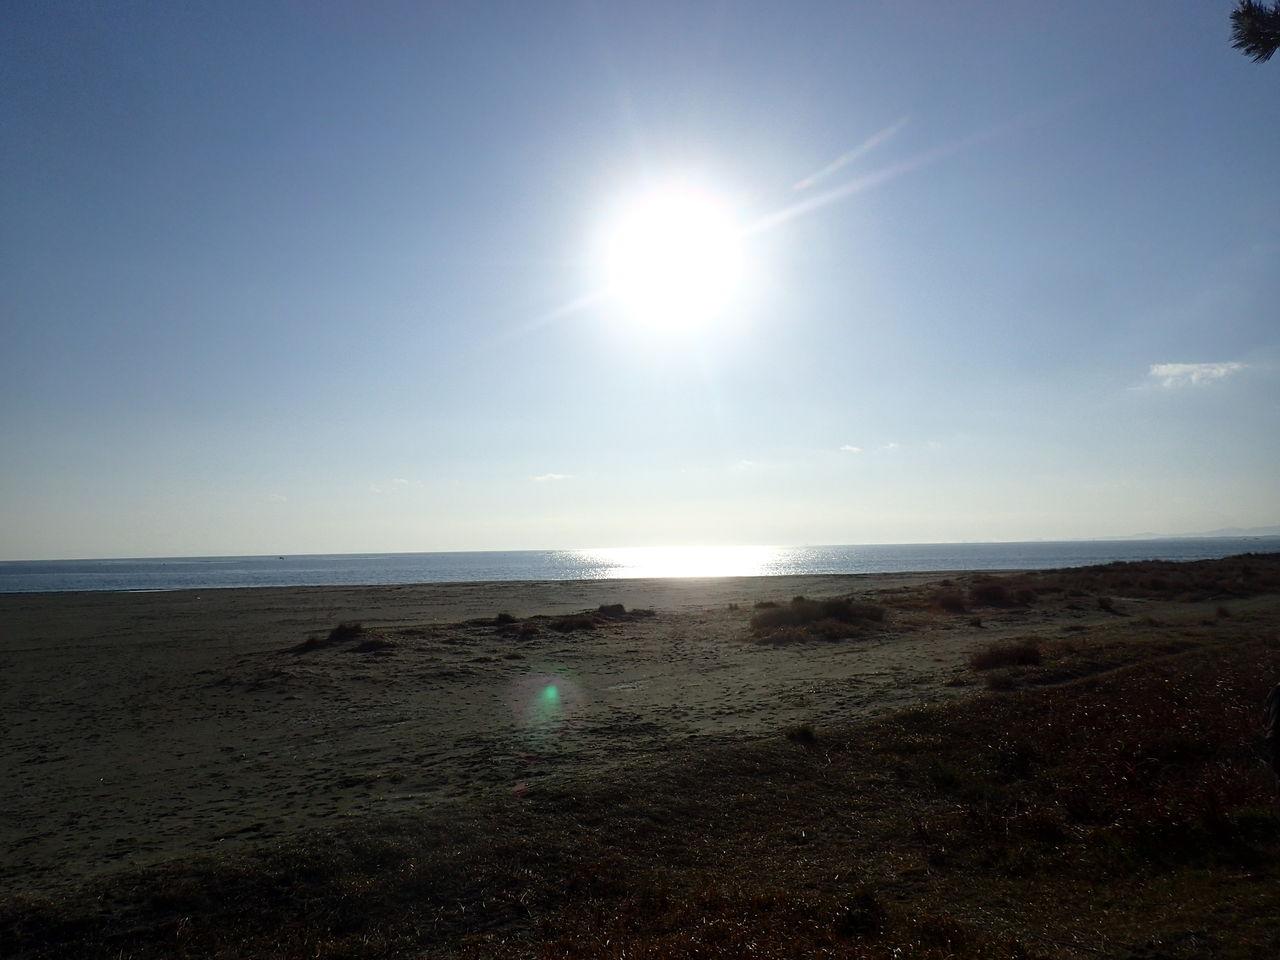 体験工房 じゃが・丸   小松海岸漂流・漂着ごみ回収活動に コメント